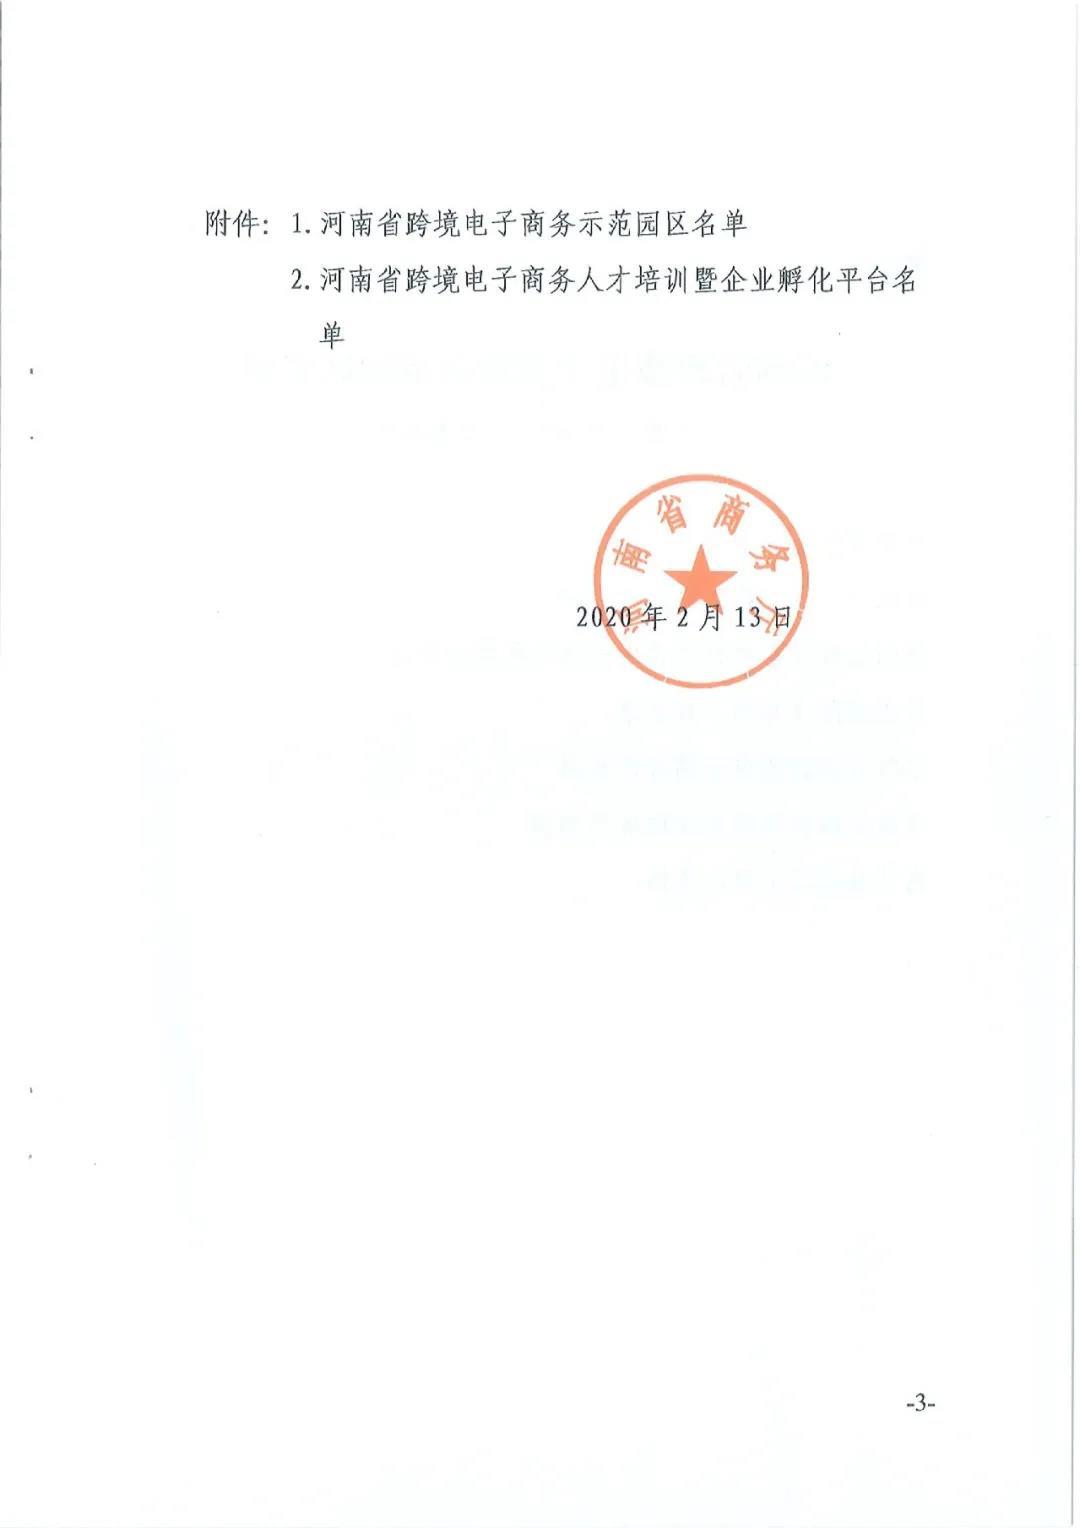 豫满全球获批河南省跨境电商人才培养暨企业孵化平台2